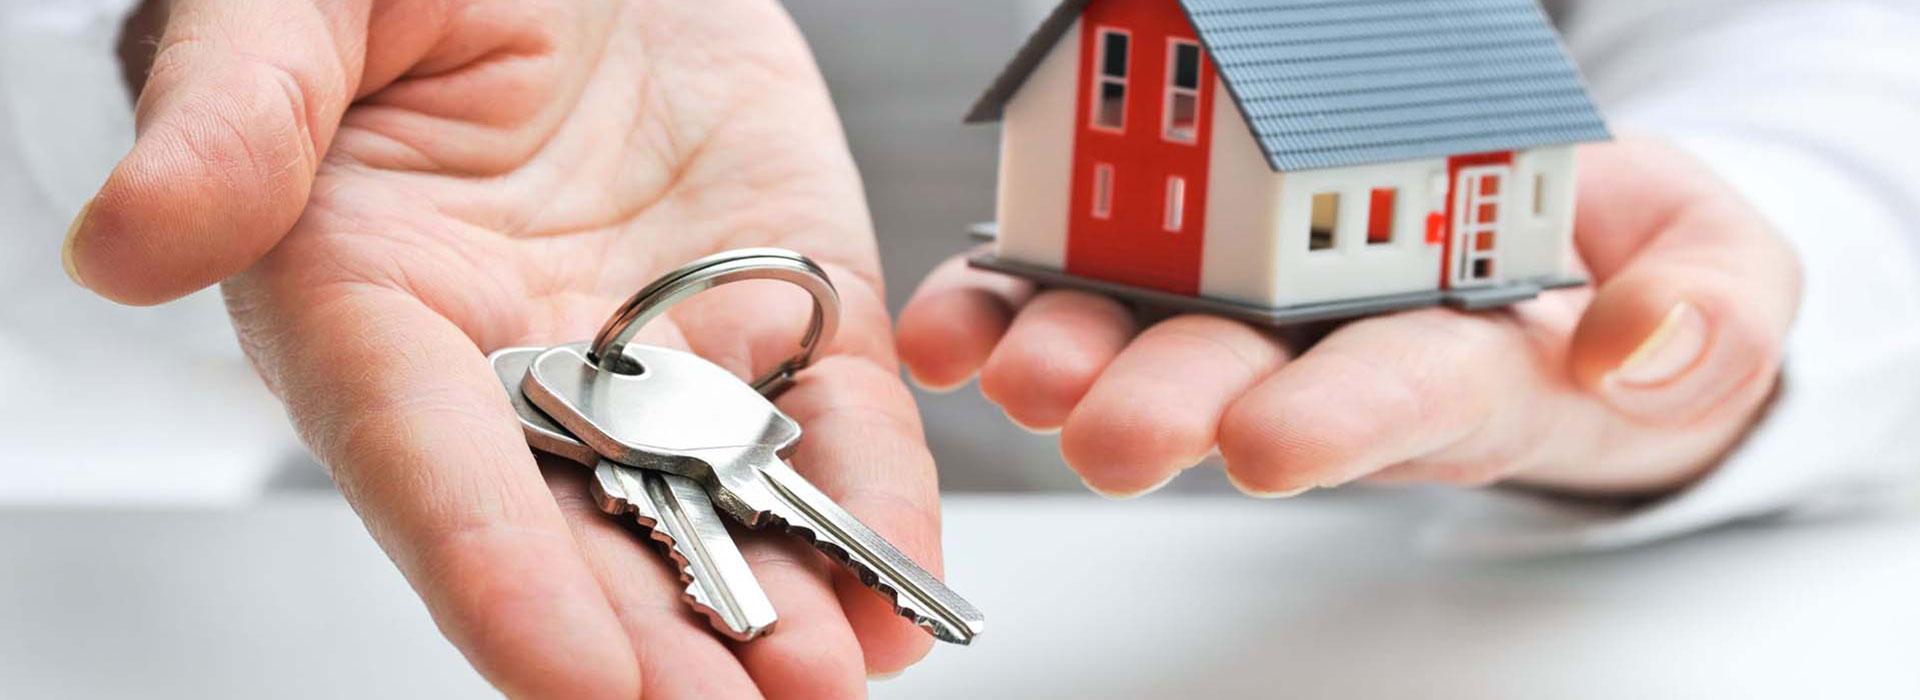 hipoteca-de-la-casa-Midamerica-Lenders-Chicago